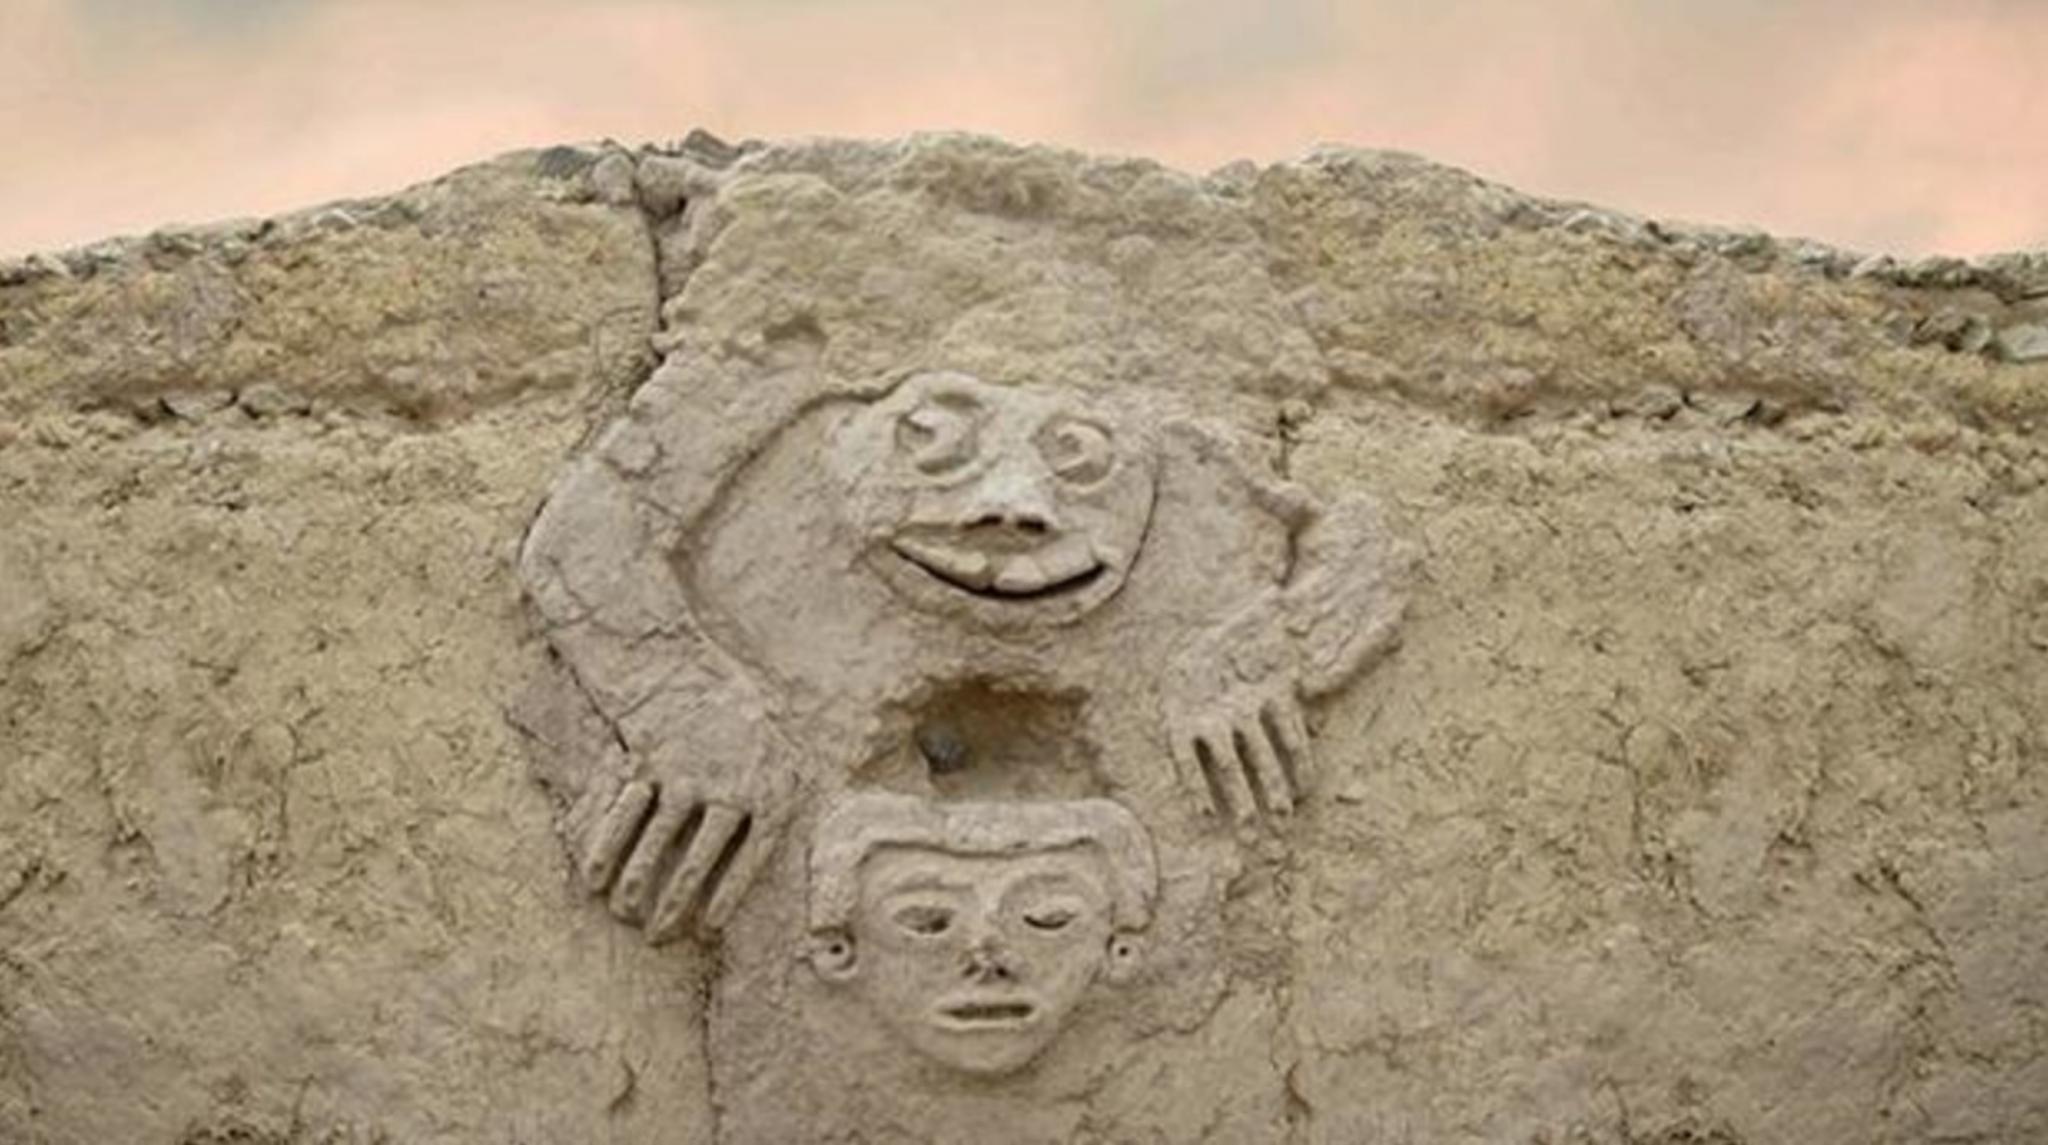 Il rospo umanizzato trovato dagli archeologi in Perù nell'insediamento di Vichama